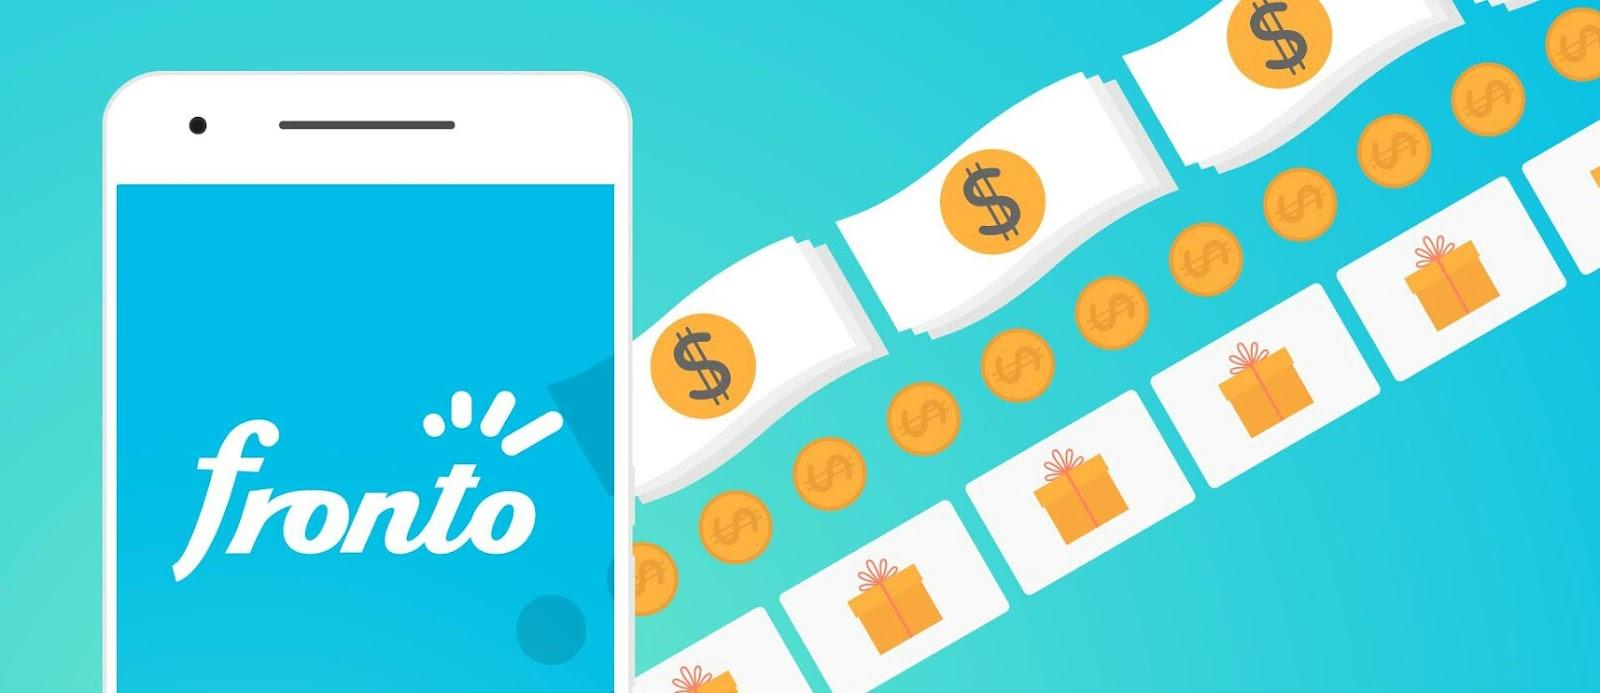 Cập nhật 14/02/2019: Fronto lock screen - Mint Screen đã thanh toán được bằng thẻ cào.